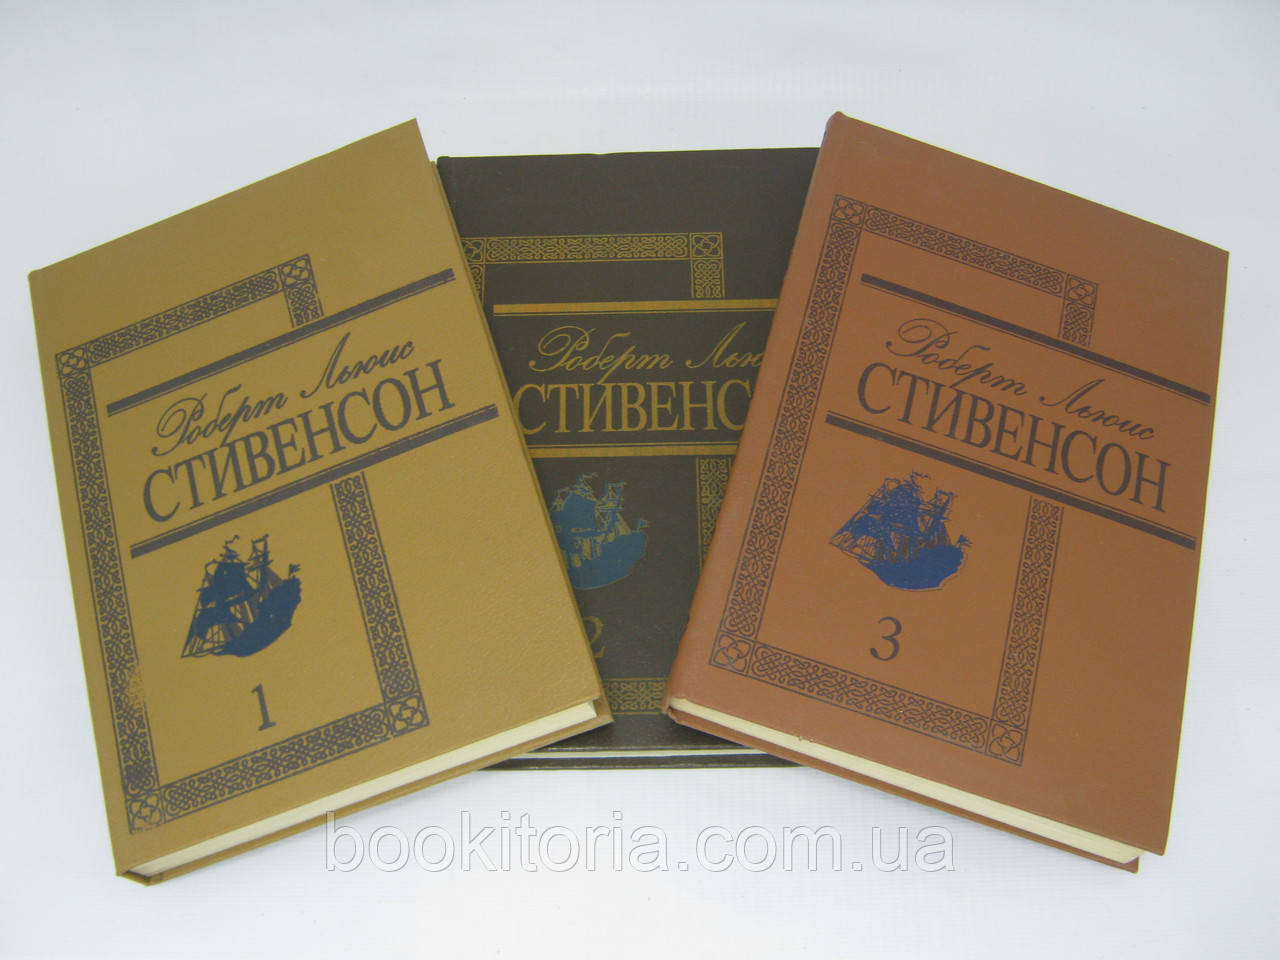 Стивенсон Р.Л. Избранные произведения в трех томах (б/у).